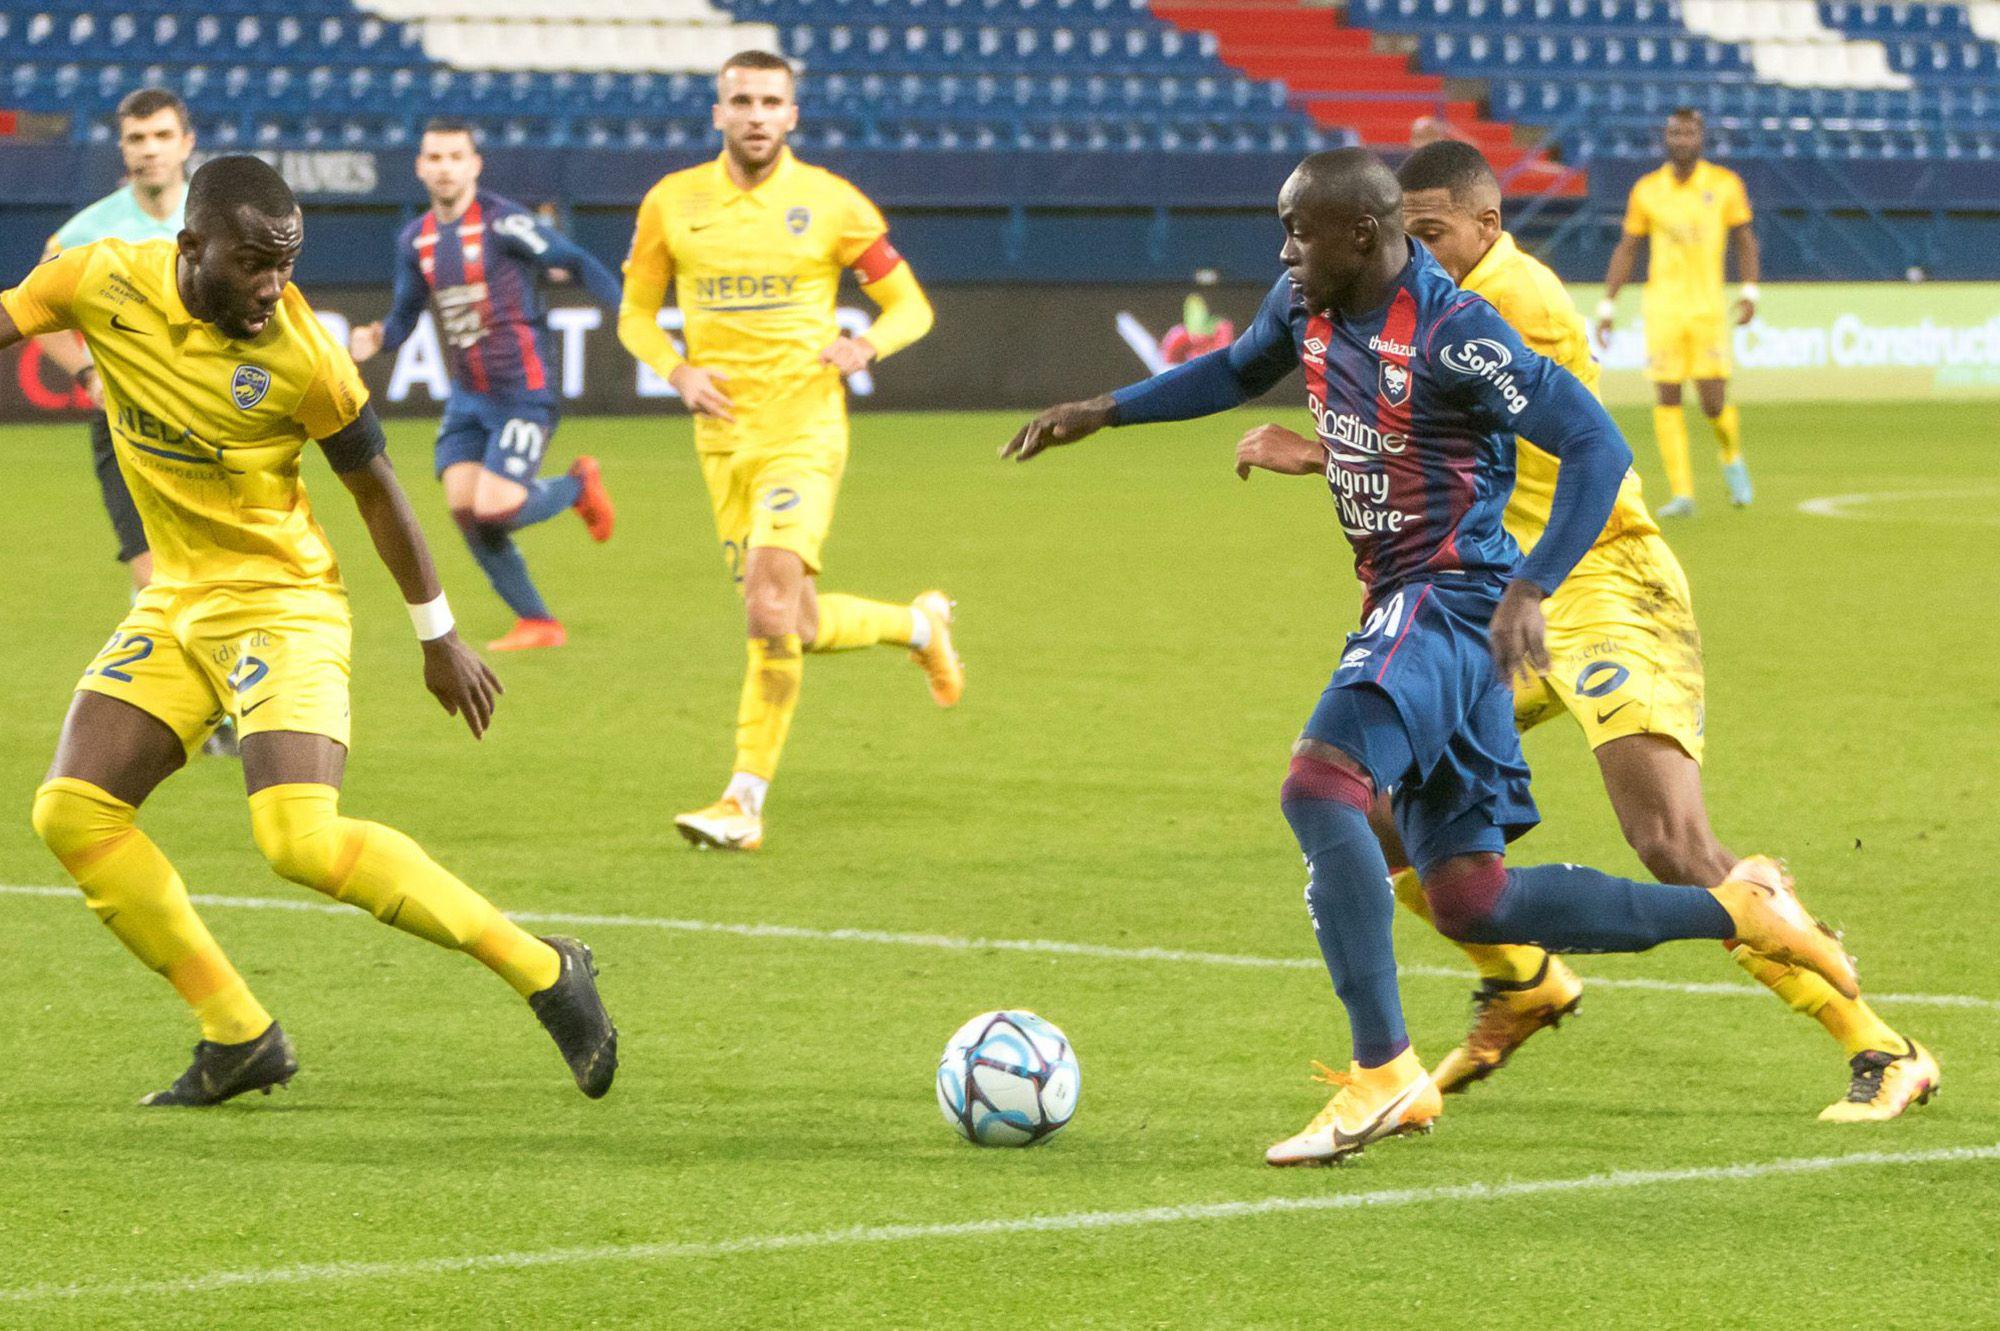 Les notes des joueurs caennais après la défaite à Sochaux (1-0)